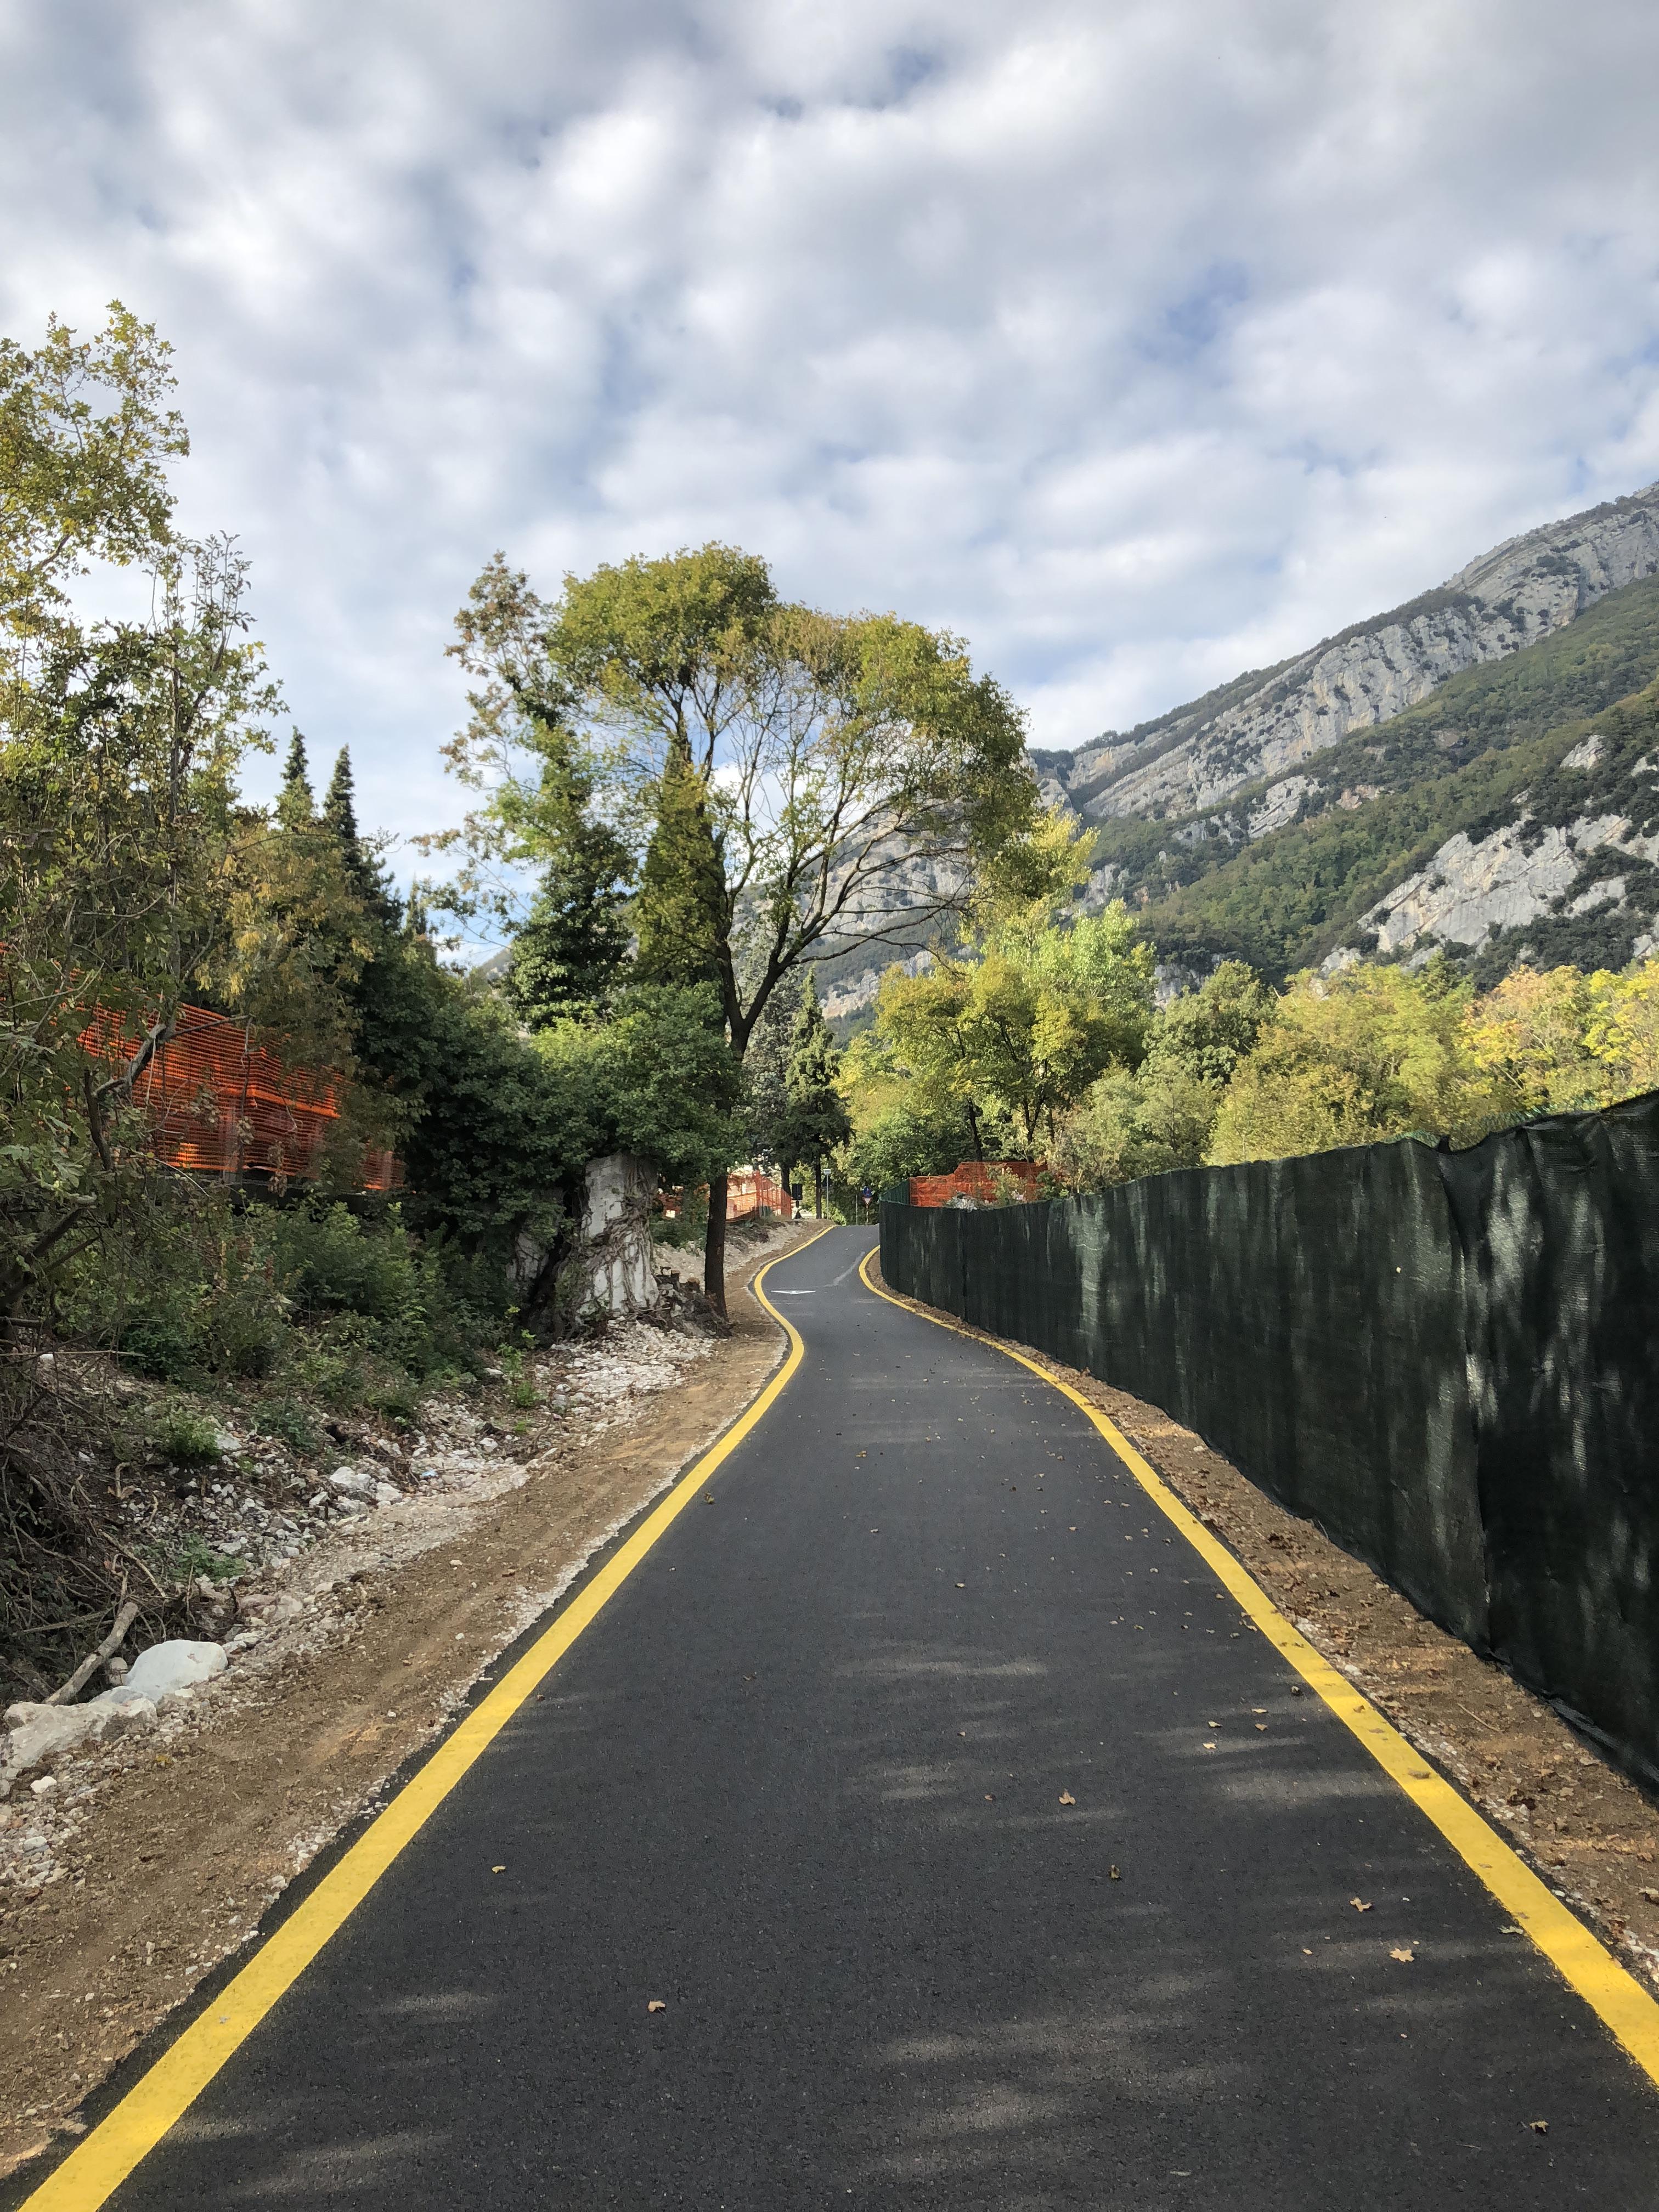 Aggiornamento ciclabile Rovereto Torbole sul Garda